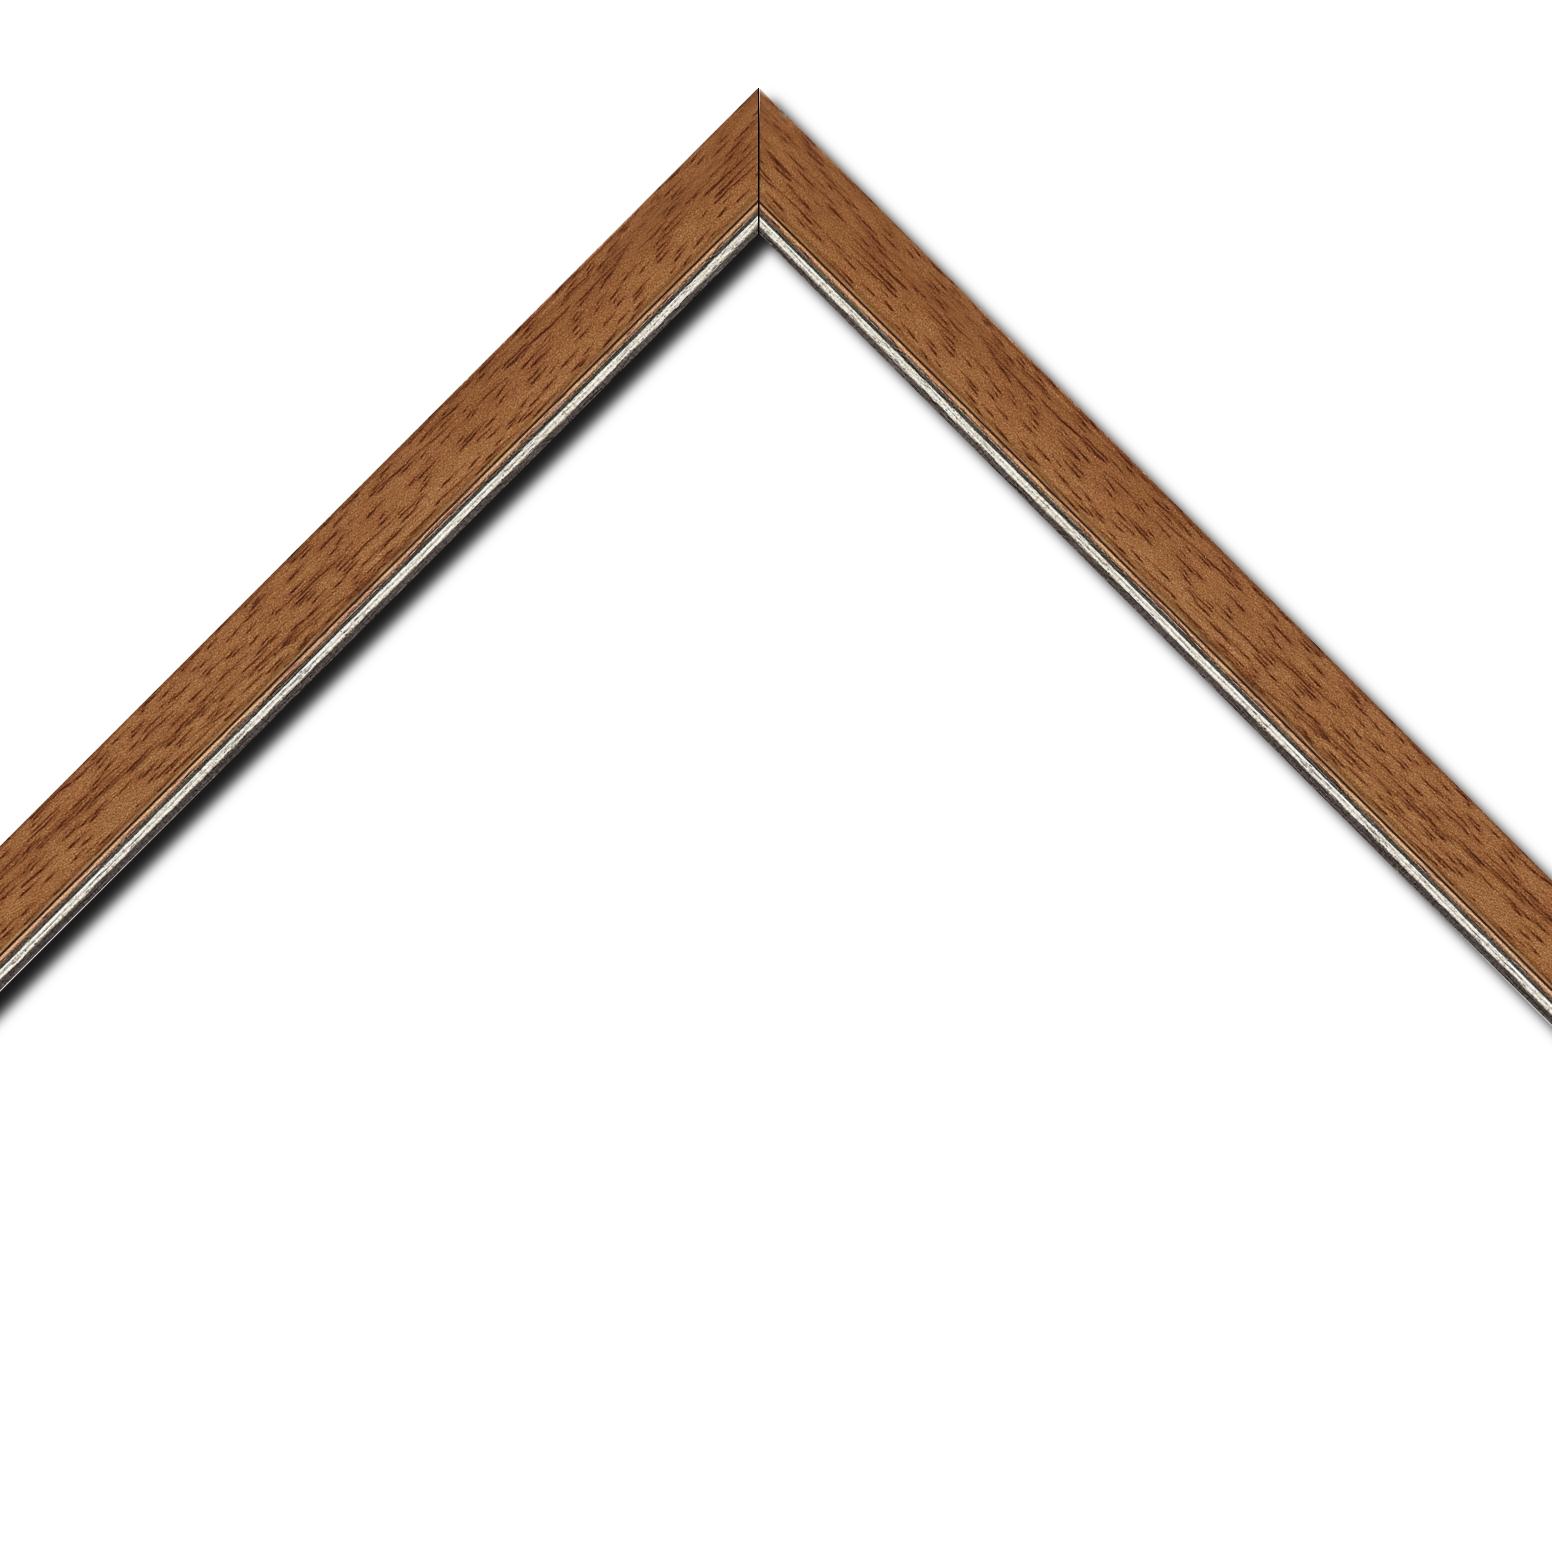 Baguette bois profil plat largeur 2.5cm couleur marron ton bois filet argent